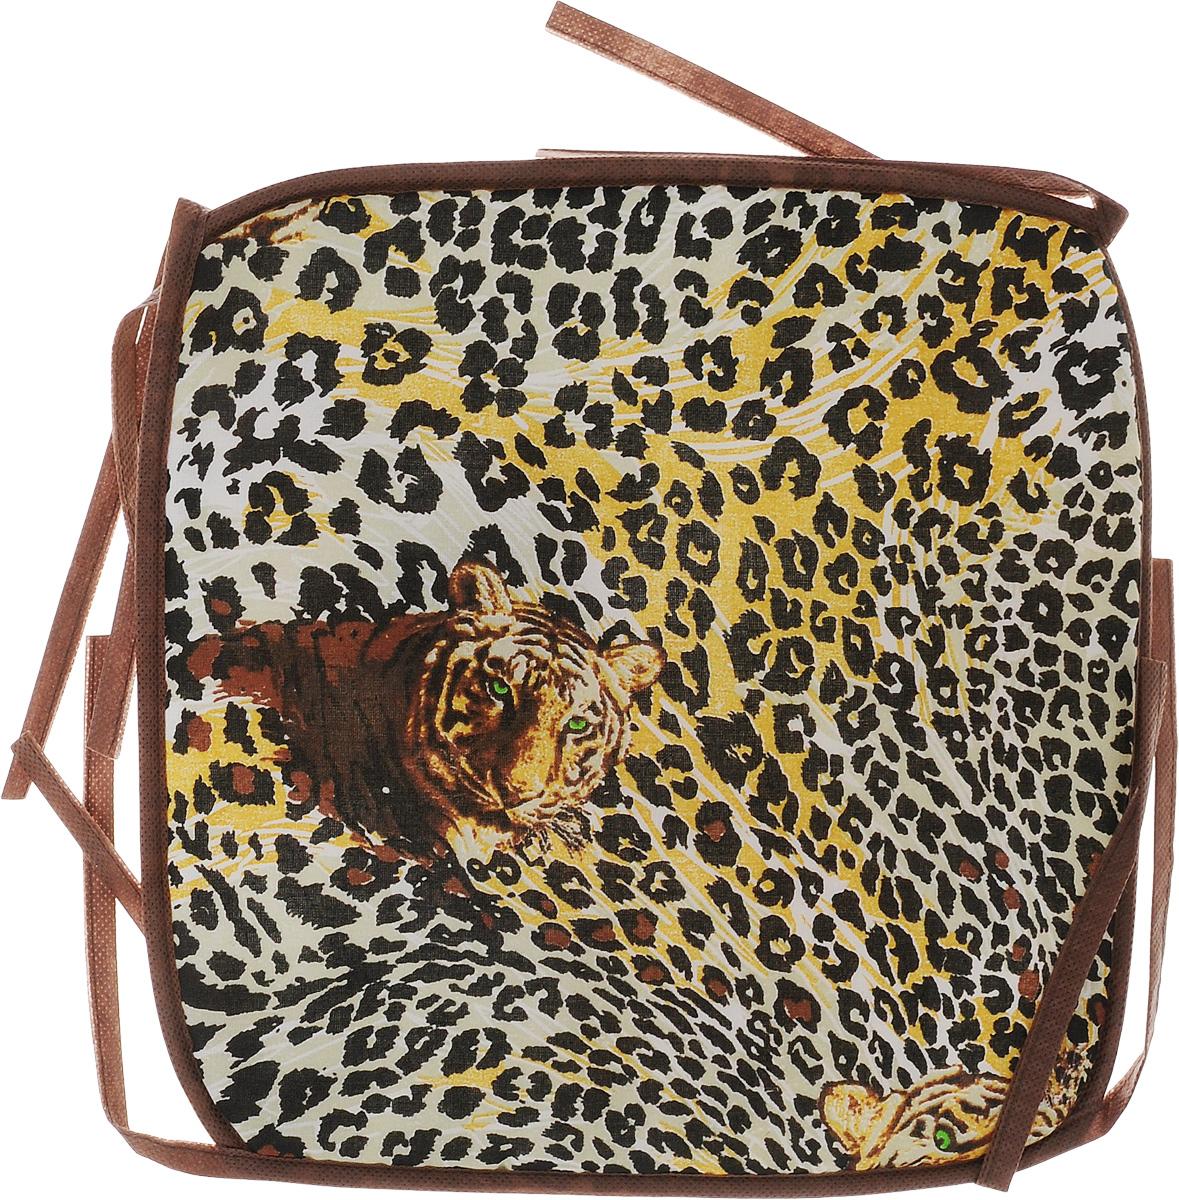 Подушка на стул Eva Леопард, тигр, цвет: коричневый, желтый, 34 х 34 смЕ06Подушка на стул Eva Леопард, тигр, выполненная из хлопка с наполнителем из поролона, легко крепится на стул с помощью завязок. Рекомендации по уходу: Деликатная стирка при температуре воды до 30°С. Отбеливание, барабанная сушка, химчистка запрещены. Рекомендуется глажка при температуре подошвы утюга до 150°С. Размер подушки: 34 х 34 х 1 см.